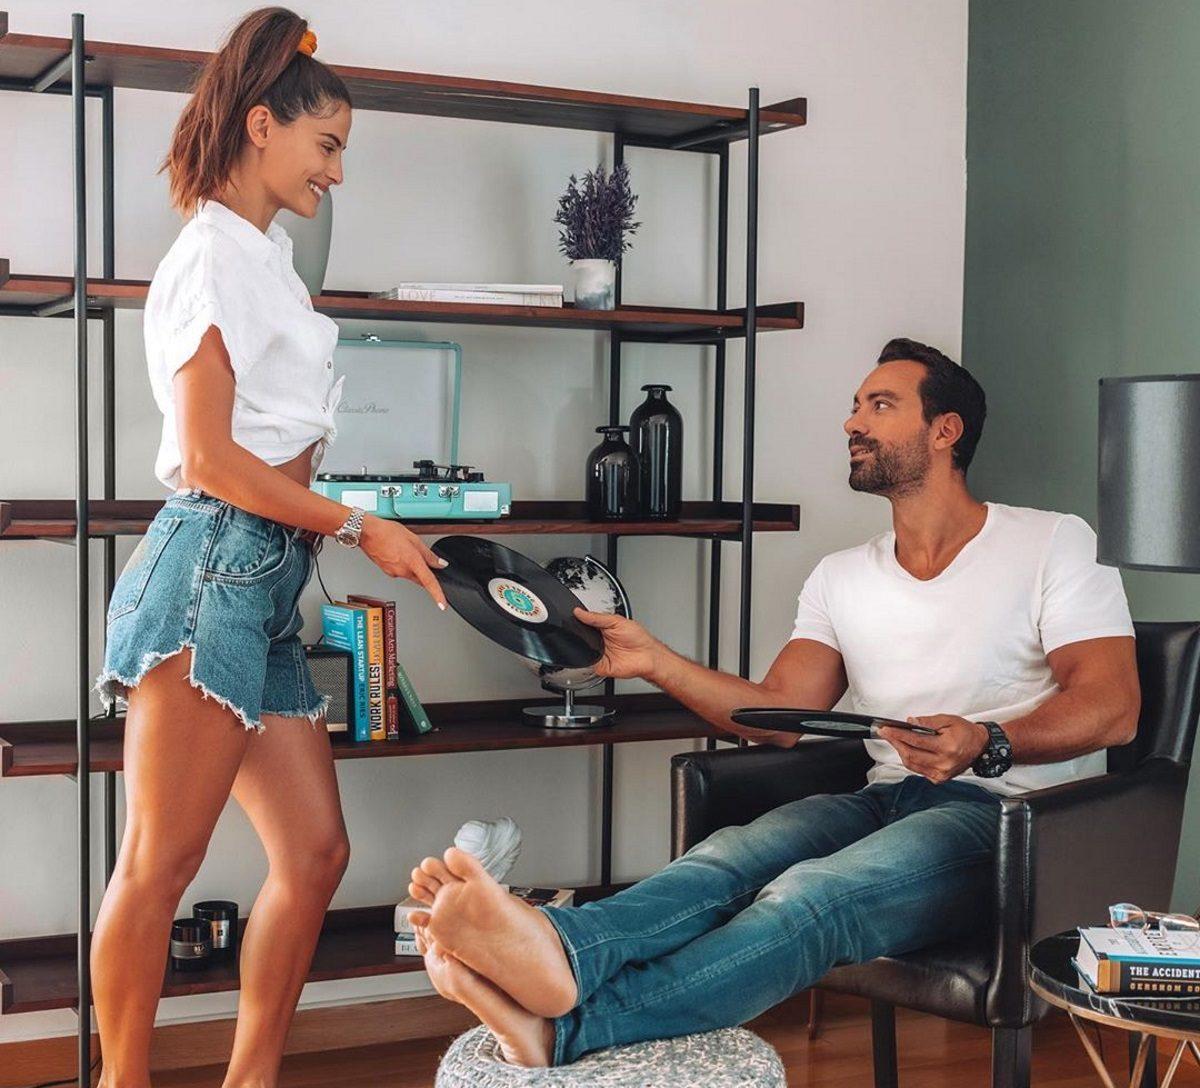 Χριστίνα Μπόμπα – Σάκης Τανιμανίδης: Η ζωή τους στο σπίτι με τον κορονοϊό! [pics,vids] | tlife.gr